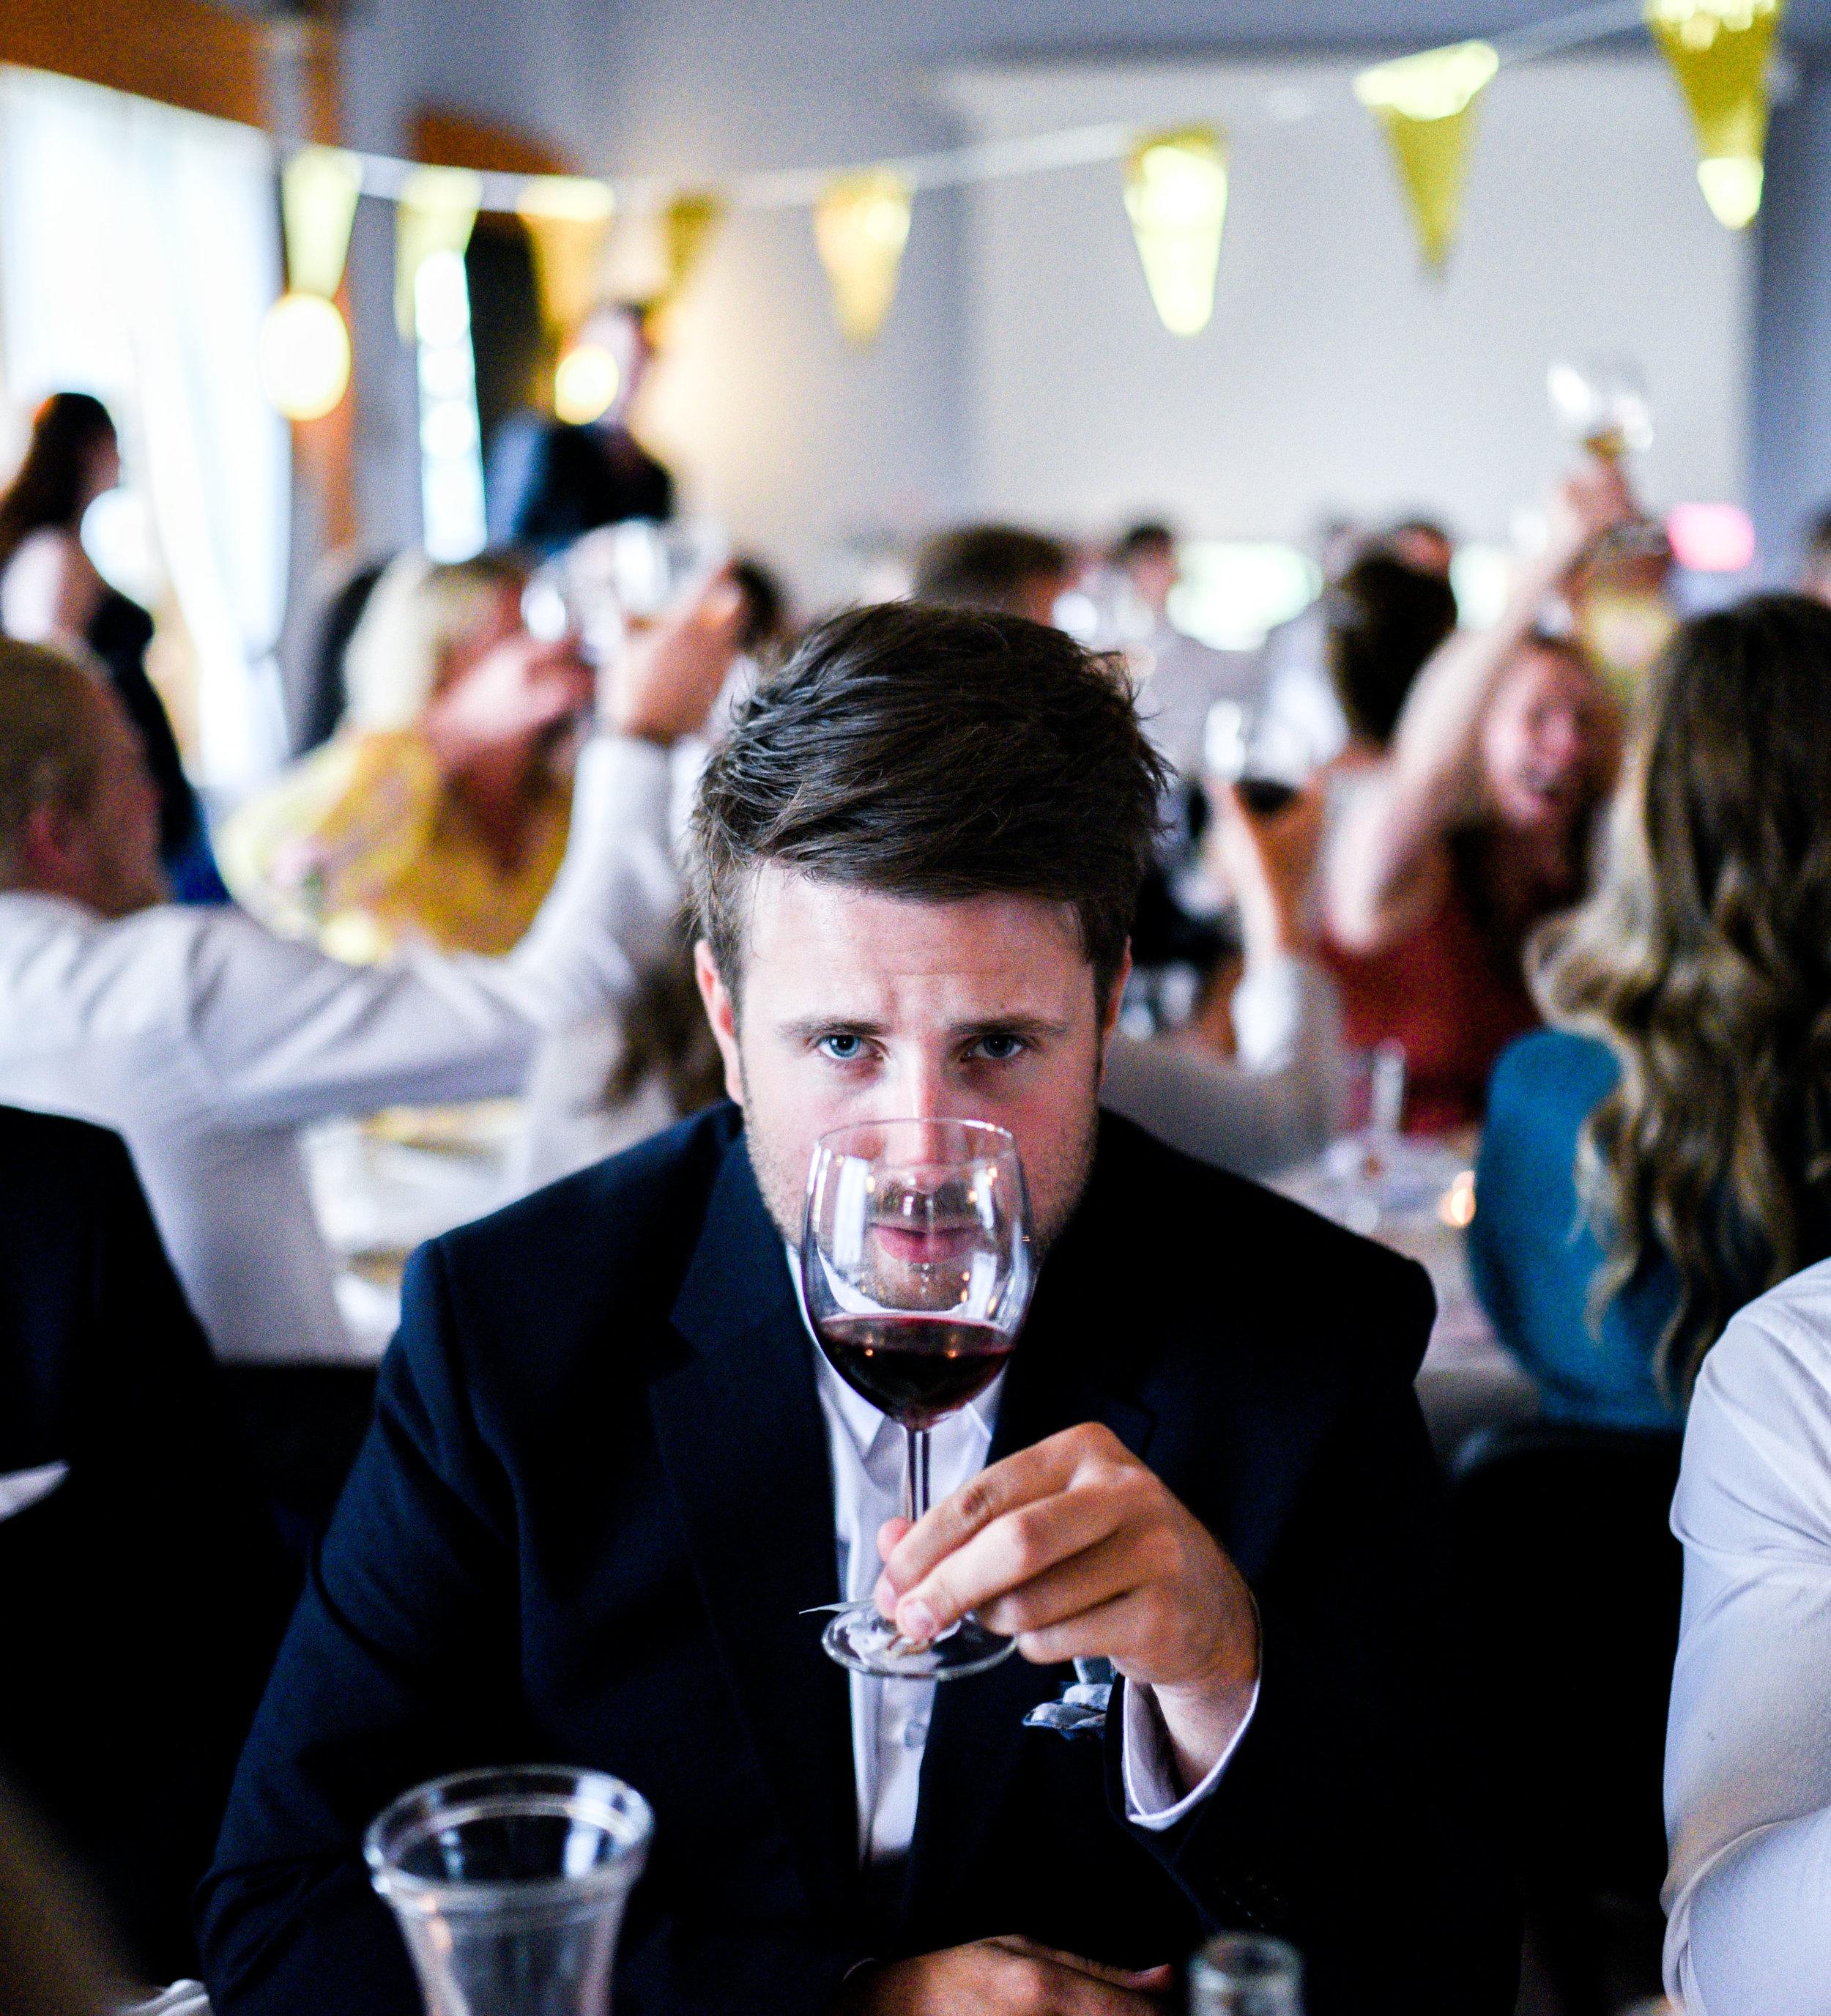 Bröllop2019lågkvall2-6163.jpg